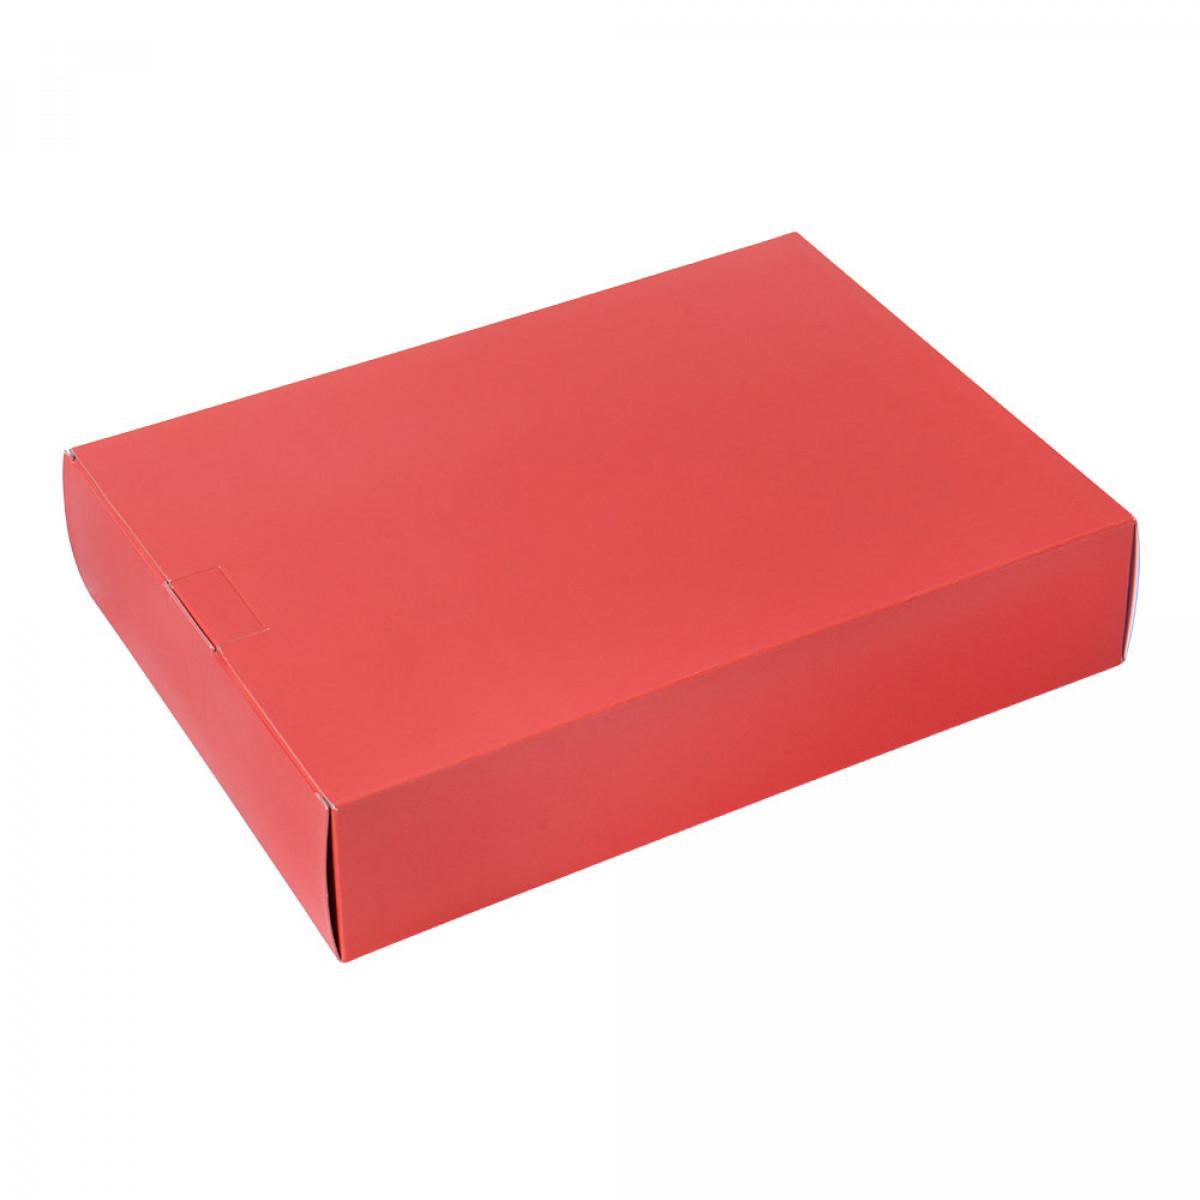 Packbox 420x305x90mm, Oranjerood